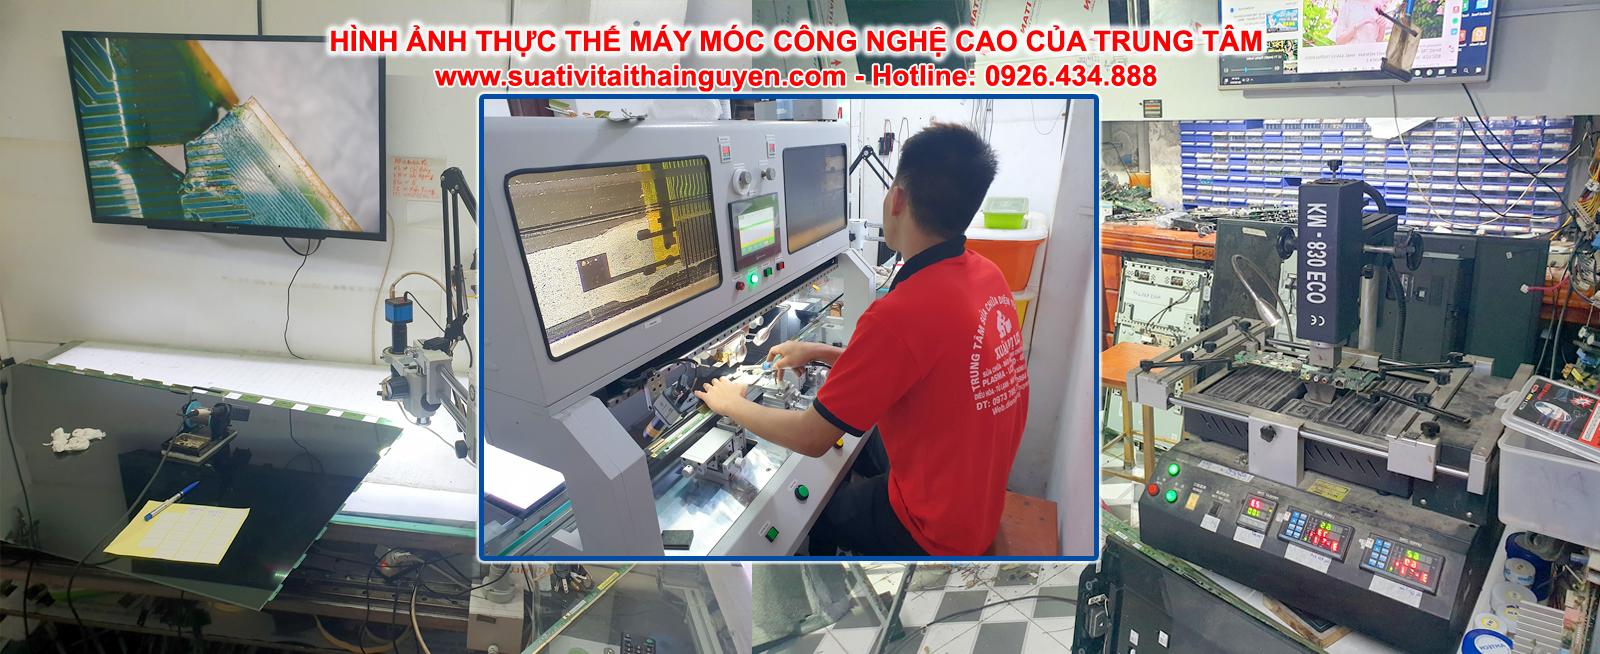 Máy móc công nghệ cao phục vụ sửa tivi tại Thái Nguyên của trung tâm